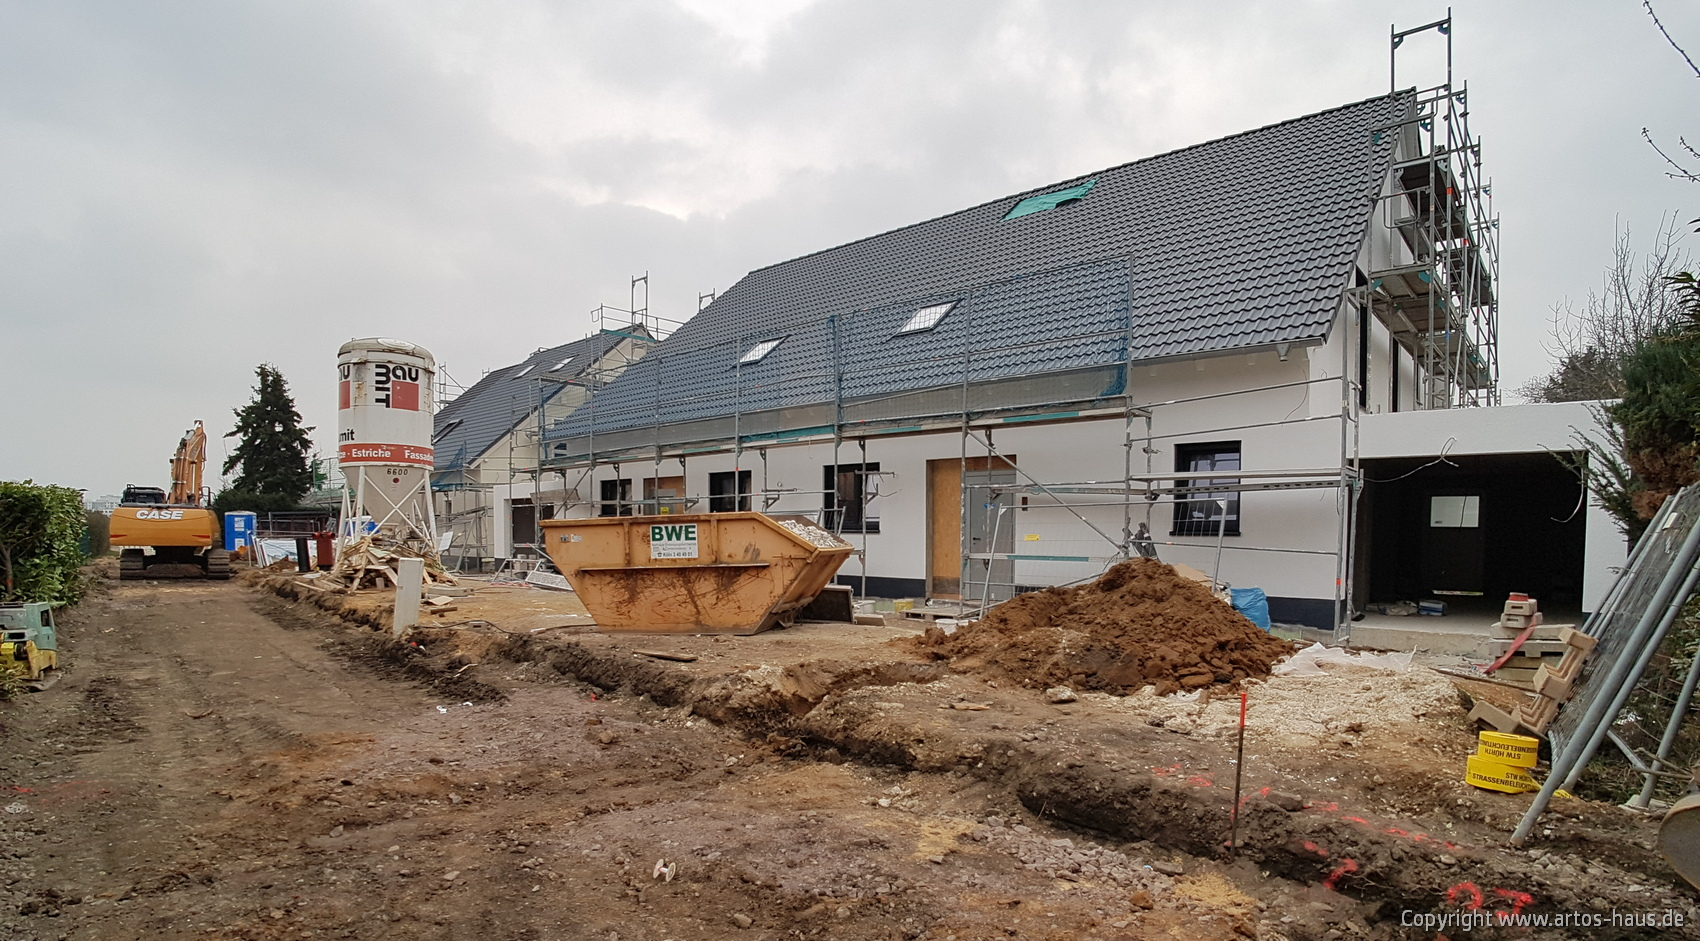 Luftbild der ARTOS HAUS Baustelle in Hürth am 8.3.2021 Bild 8